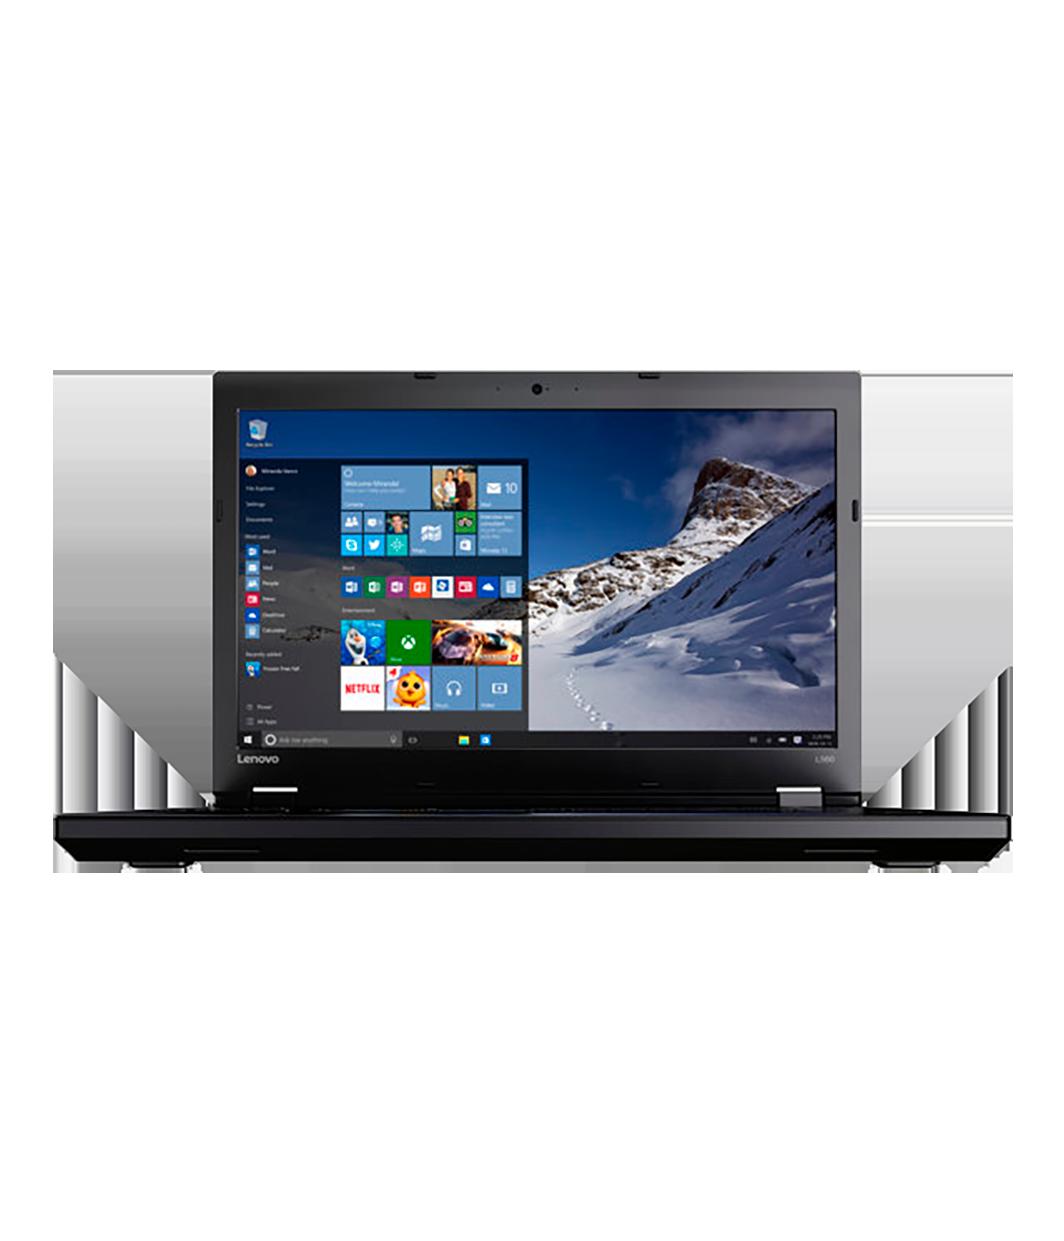 Lenovo ThinkPad L560 15